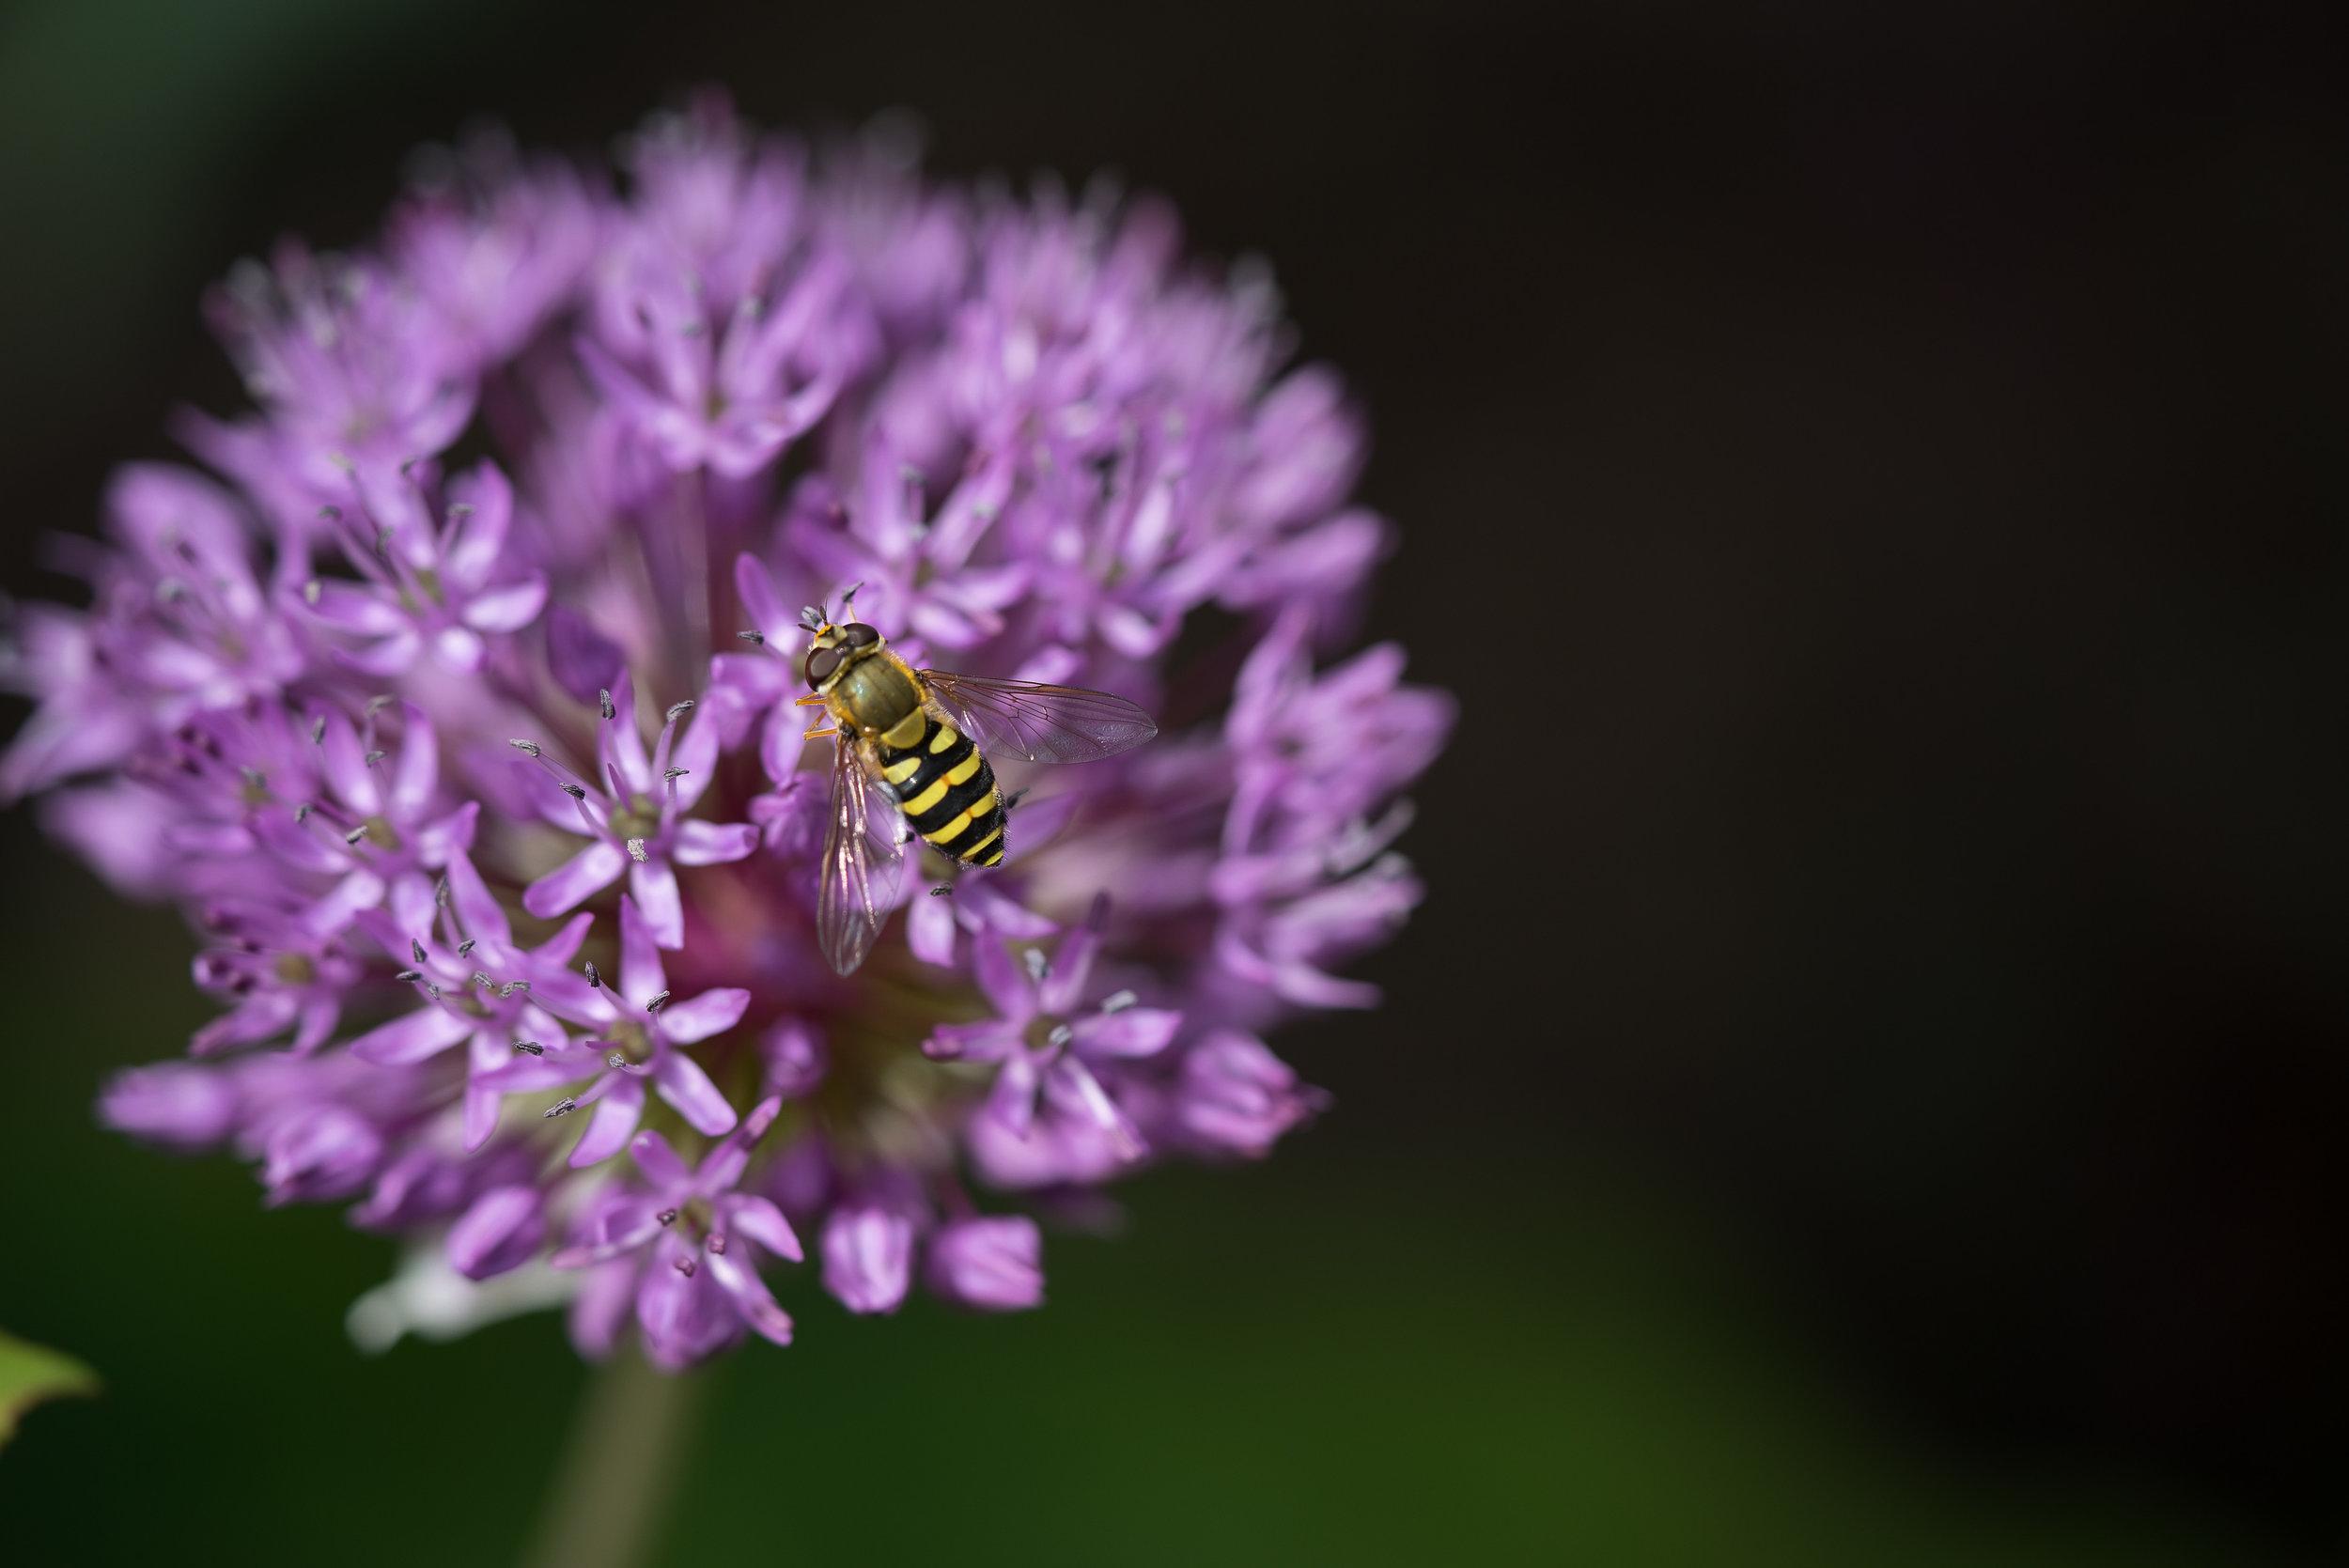 Allium aflatunense 'Purple sensation' (Purpurkugellauch) 30.4.2017